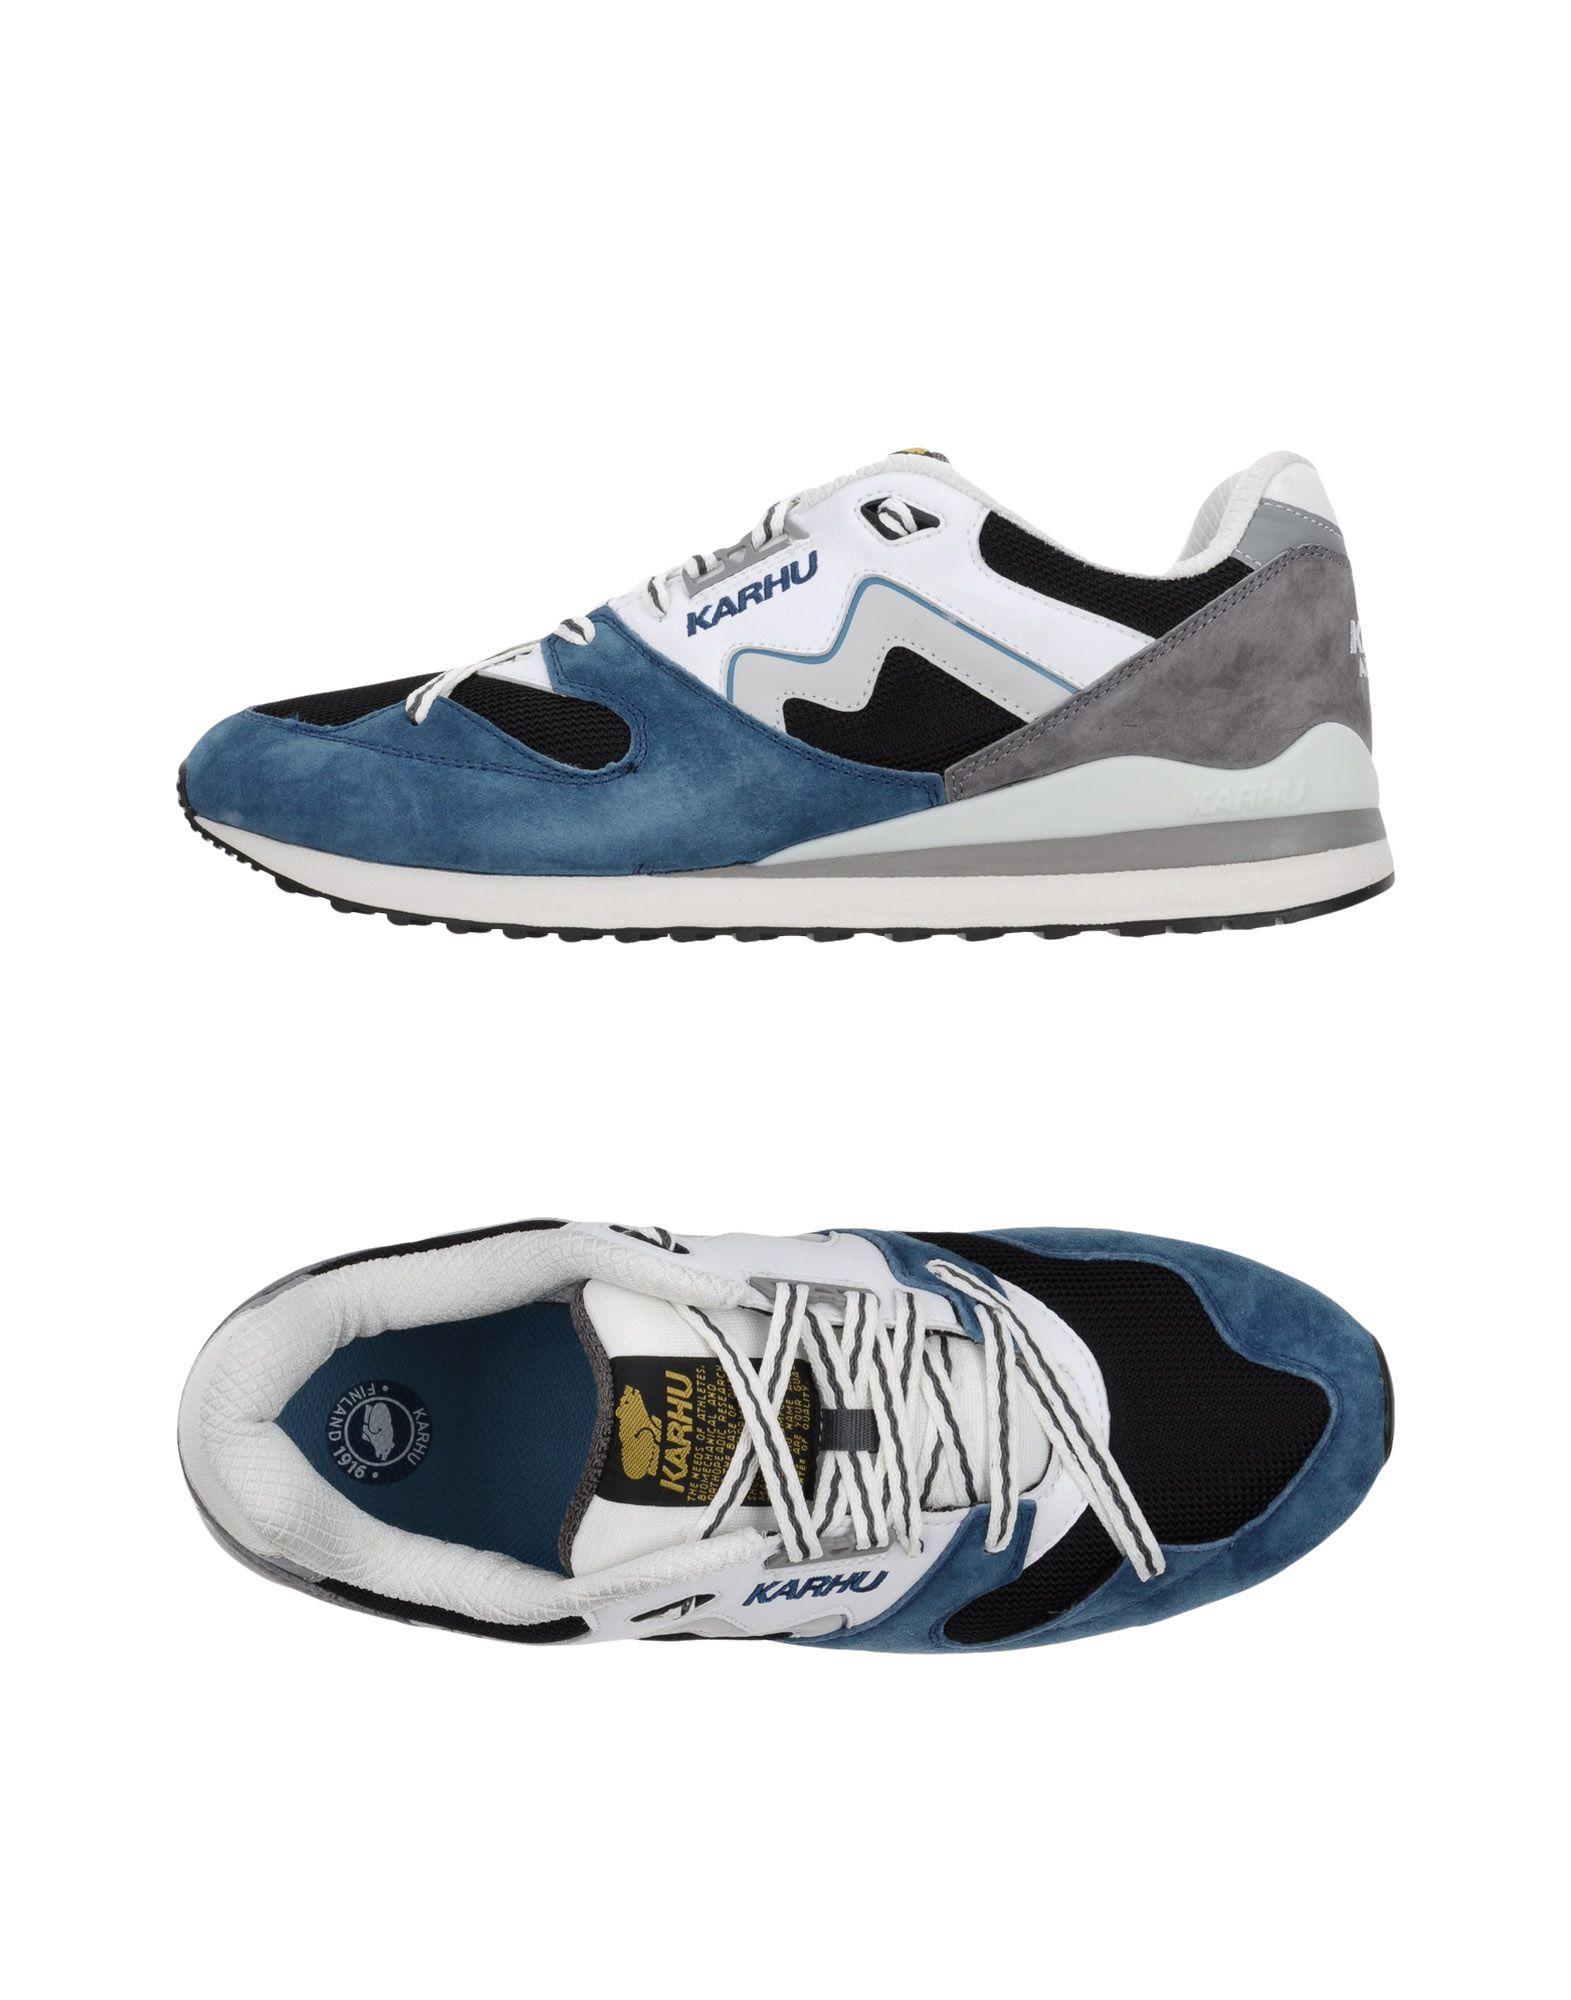 Moda Sneakers Karhu Uomo Uomo Karhu - 11360645TK f1e2a3